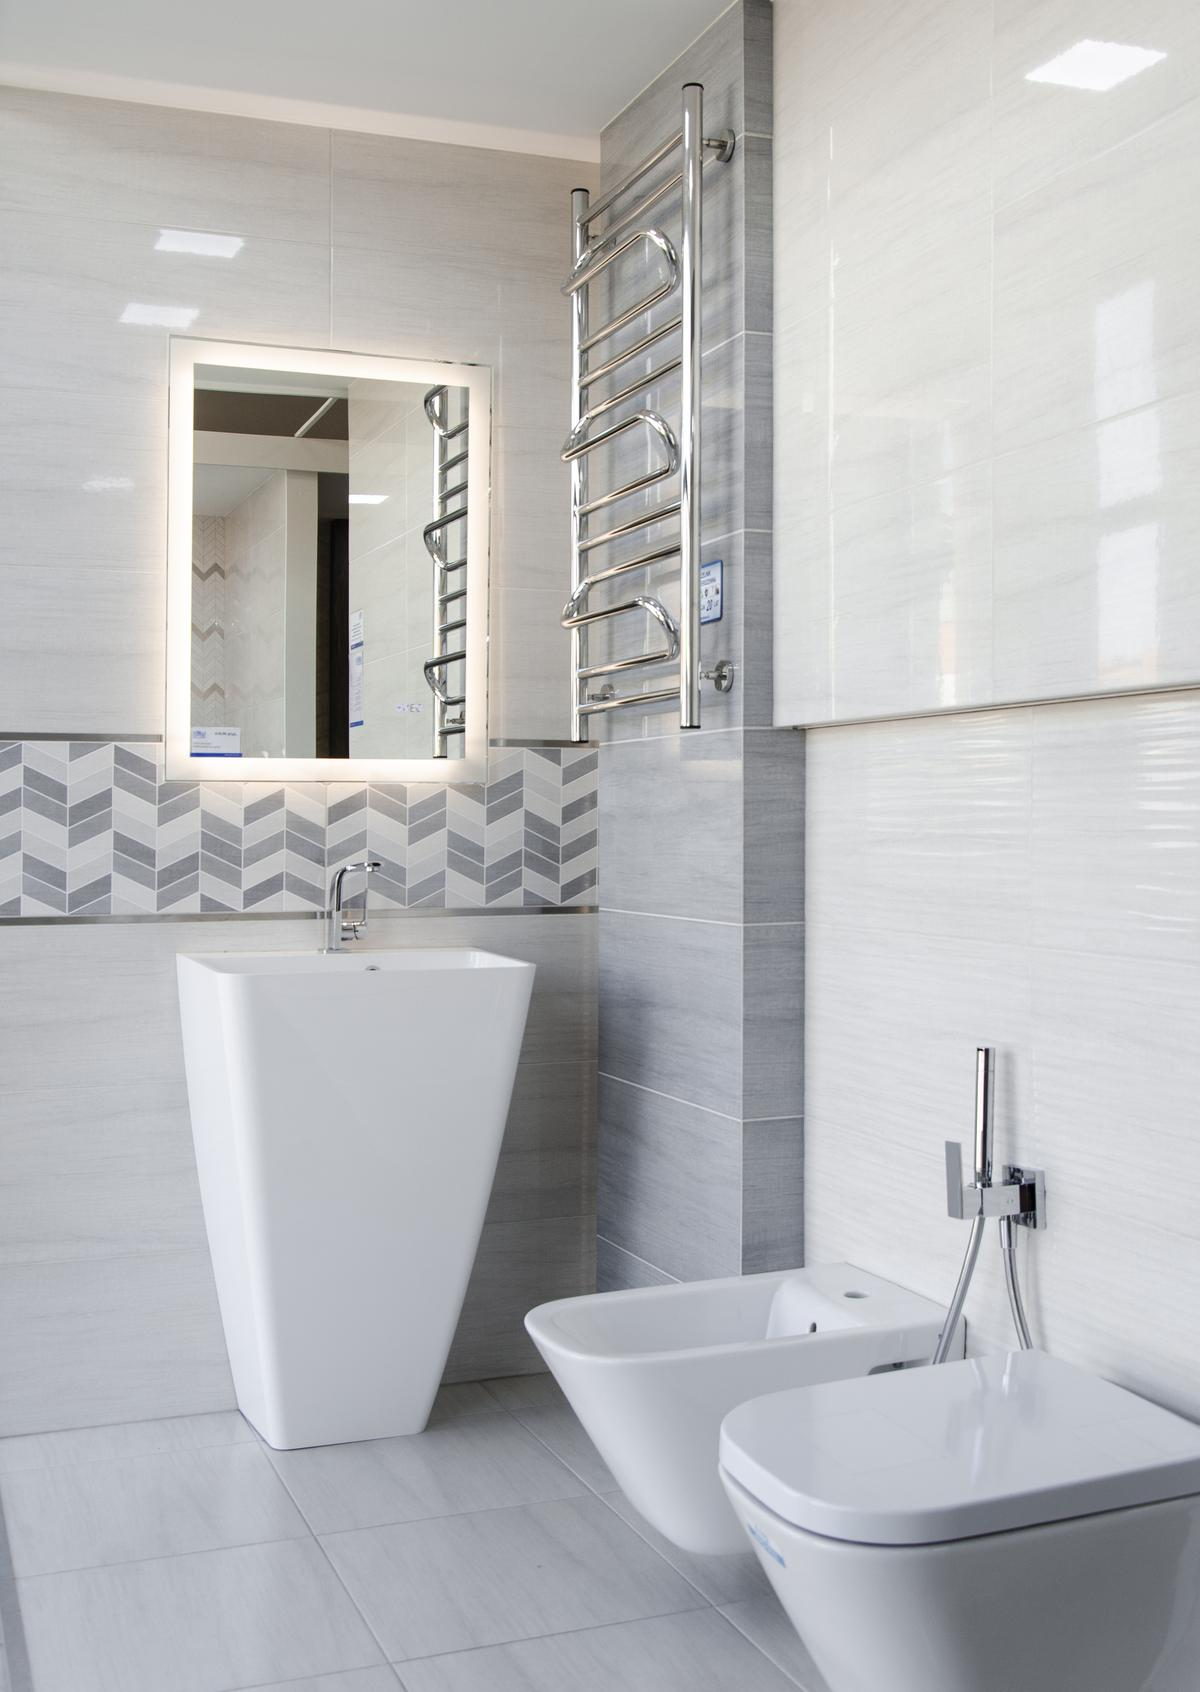 Nowoczesna łazienka w szarych kolorach z strukturalnymi płytkami - zdjęcie od BLU salon łazienek Pułtusk